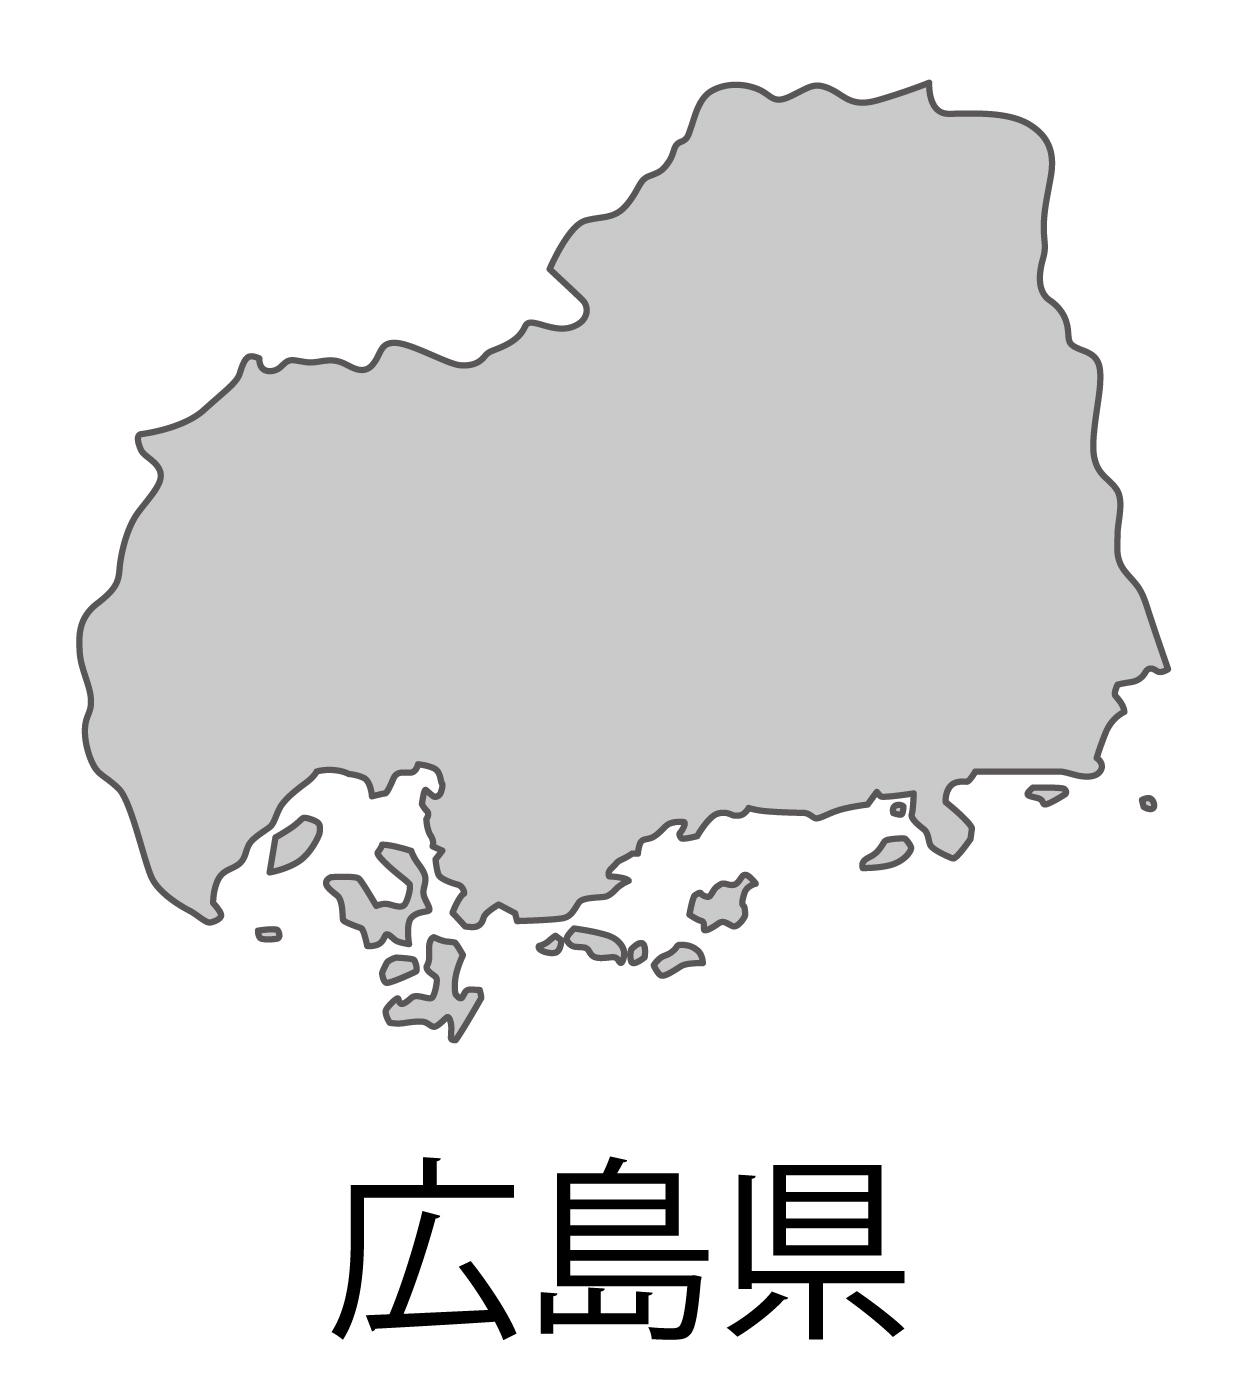 広島県無料フリーイラスト|日本語・都道府県名あり(グレー)